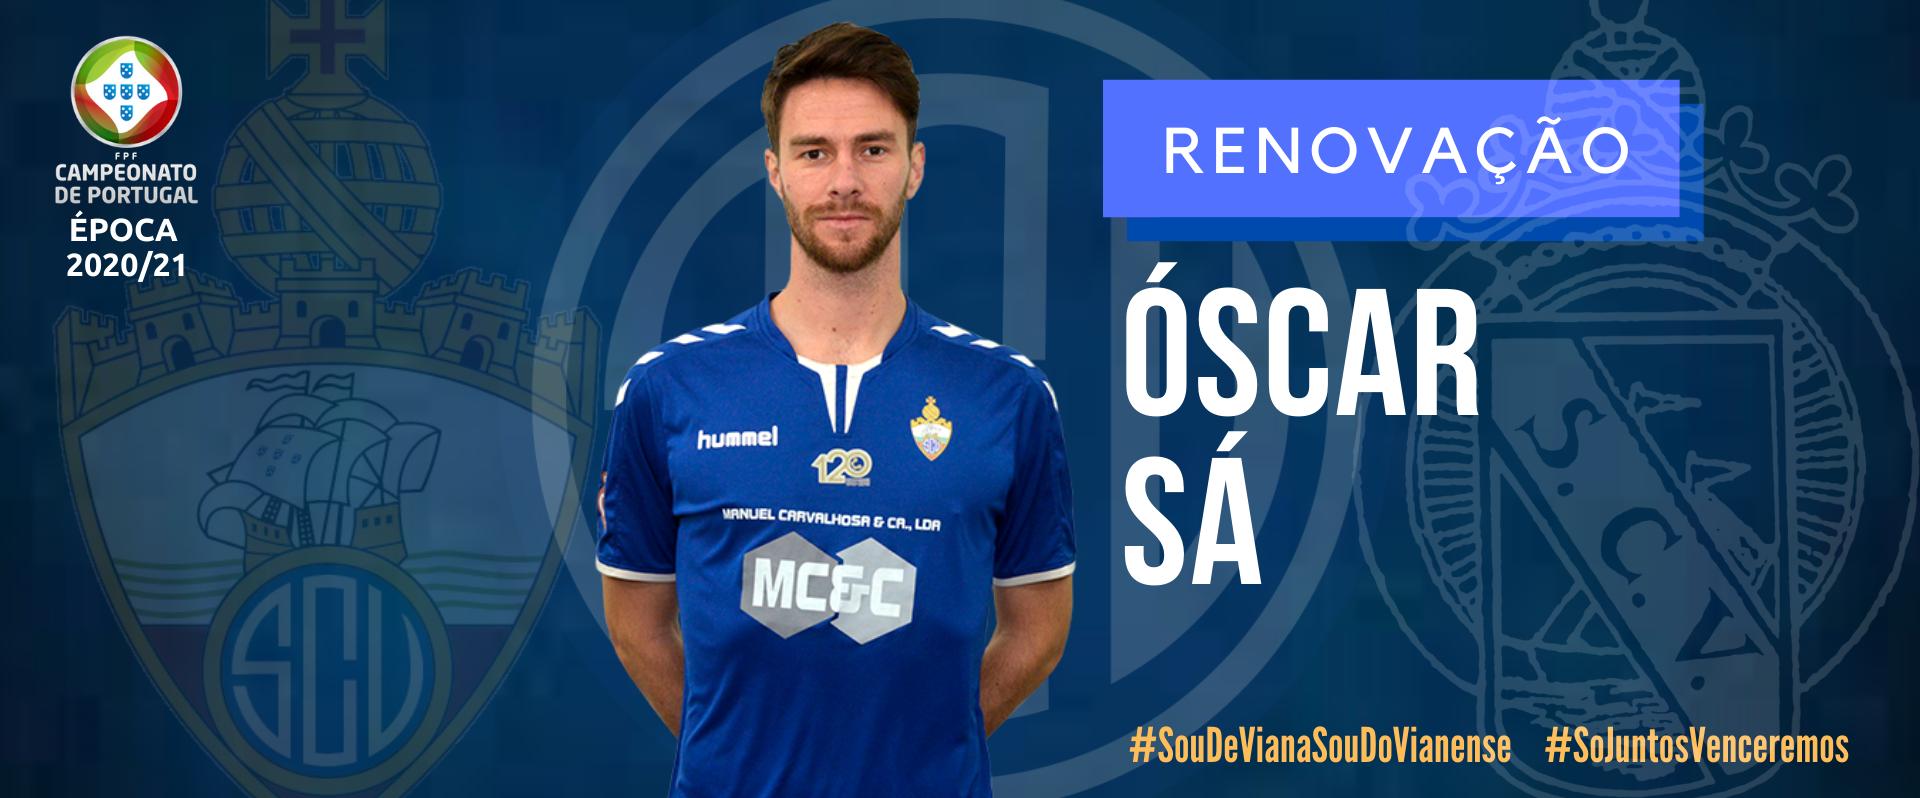 Óscar Sá garantido no SC Vianense 2020/21